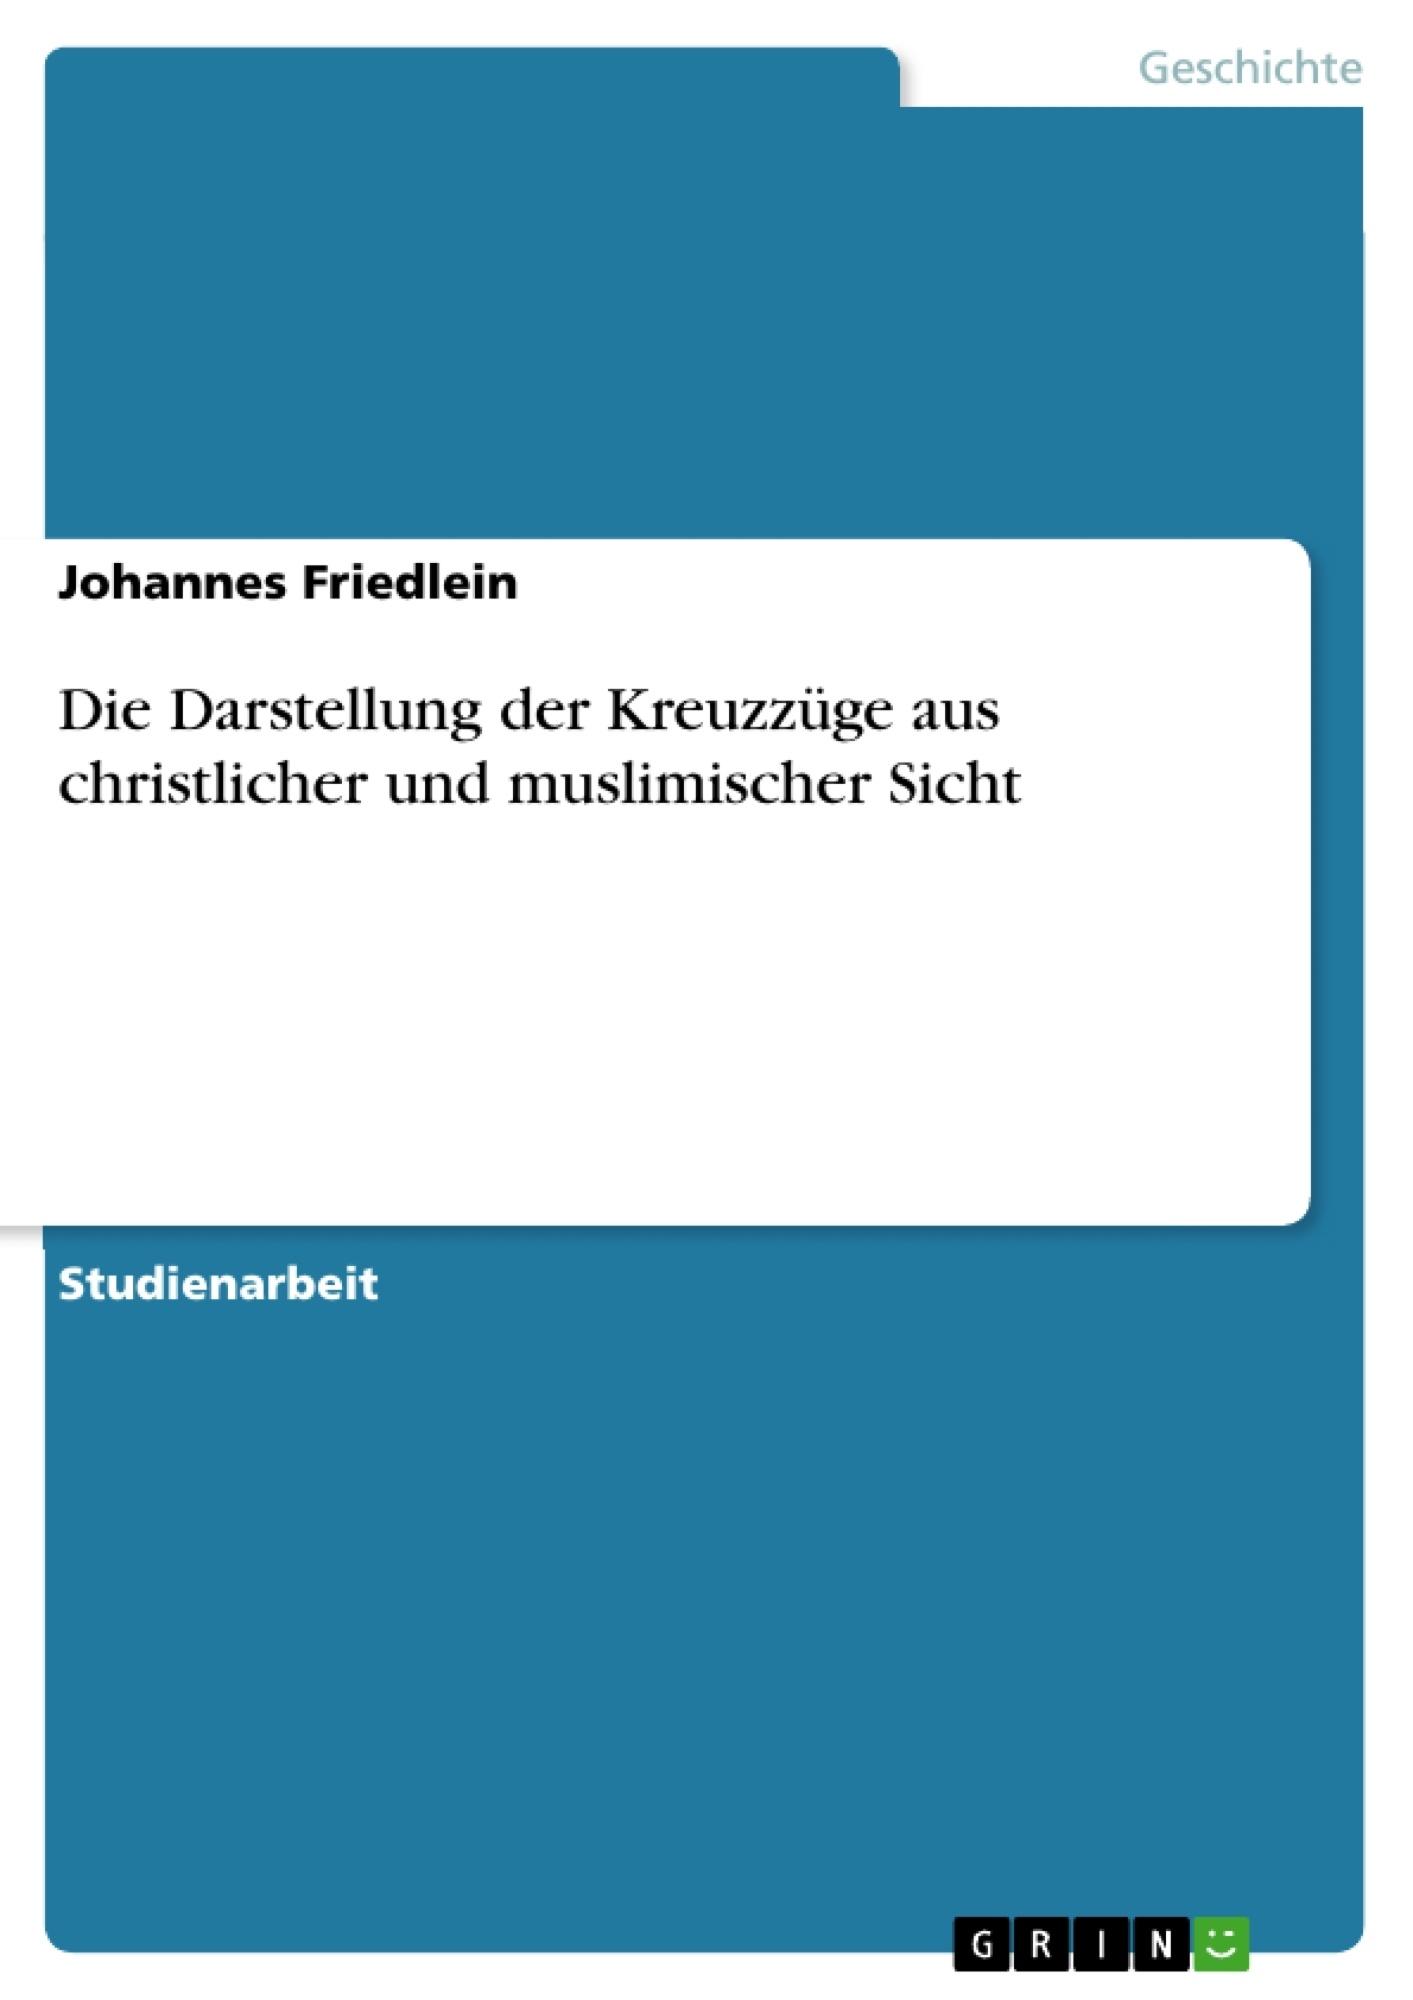 Titel: Die Darstellung der Kreuzzüge aus christlicher und muslimischer Sicht